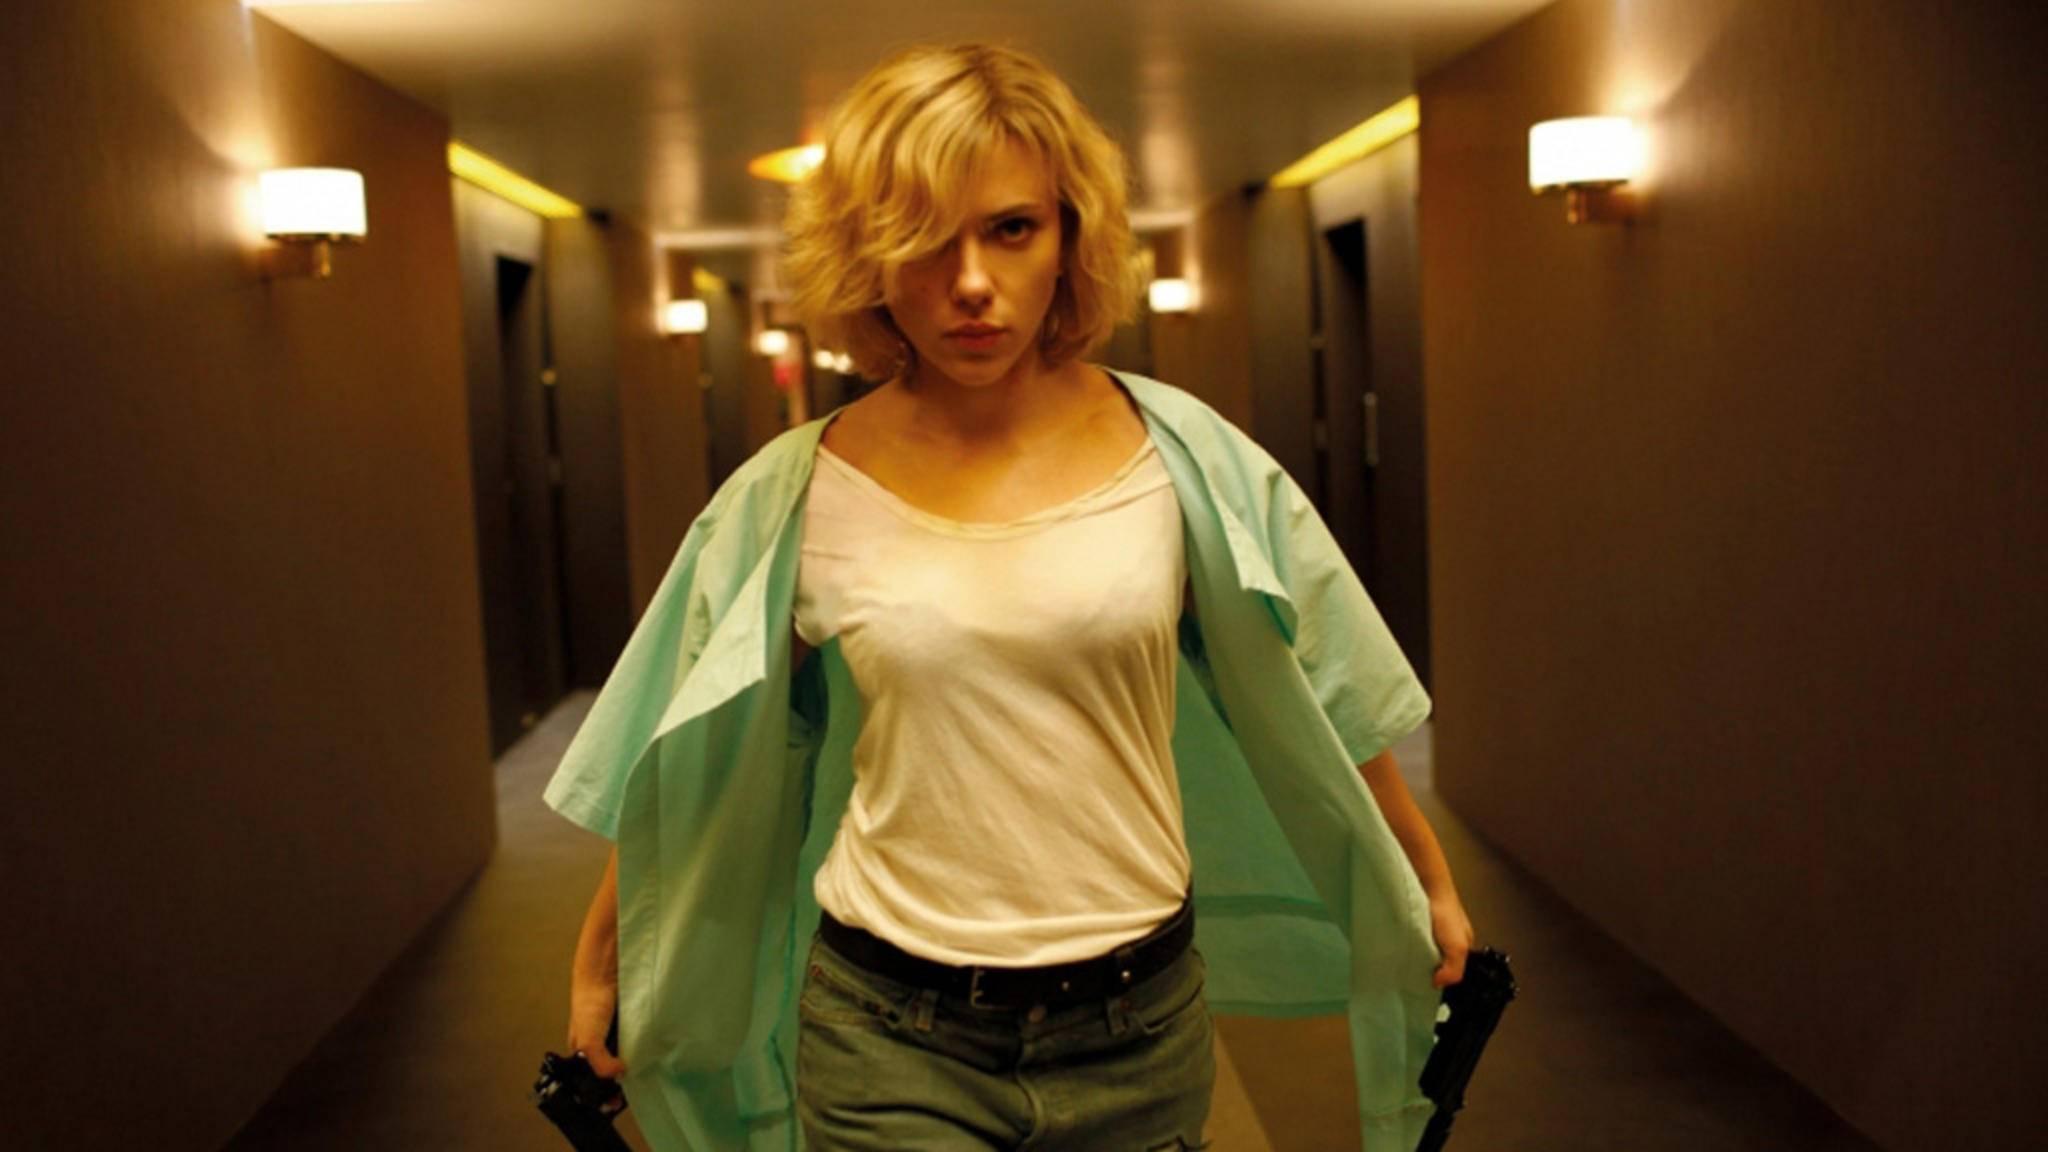 Lucy 2 - Luc Bessons SciFi-Thriller mit Scarlett Johansson erhält ein Sequel